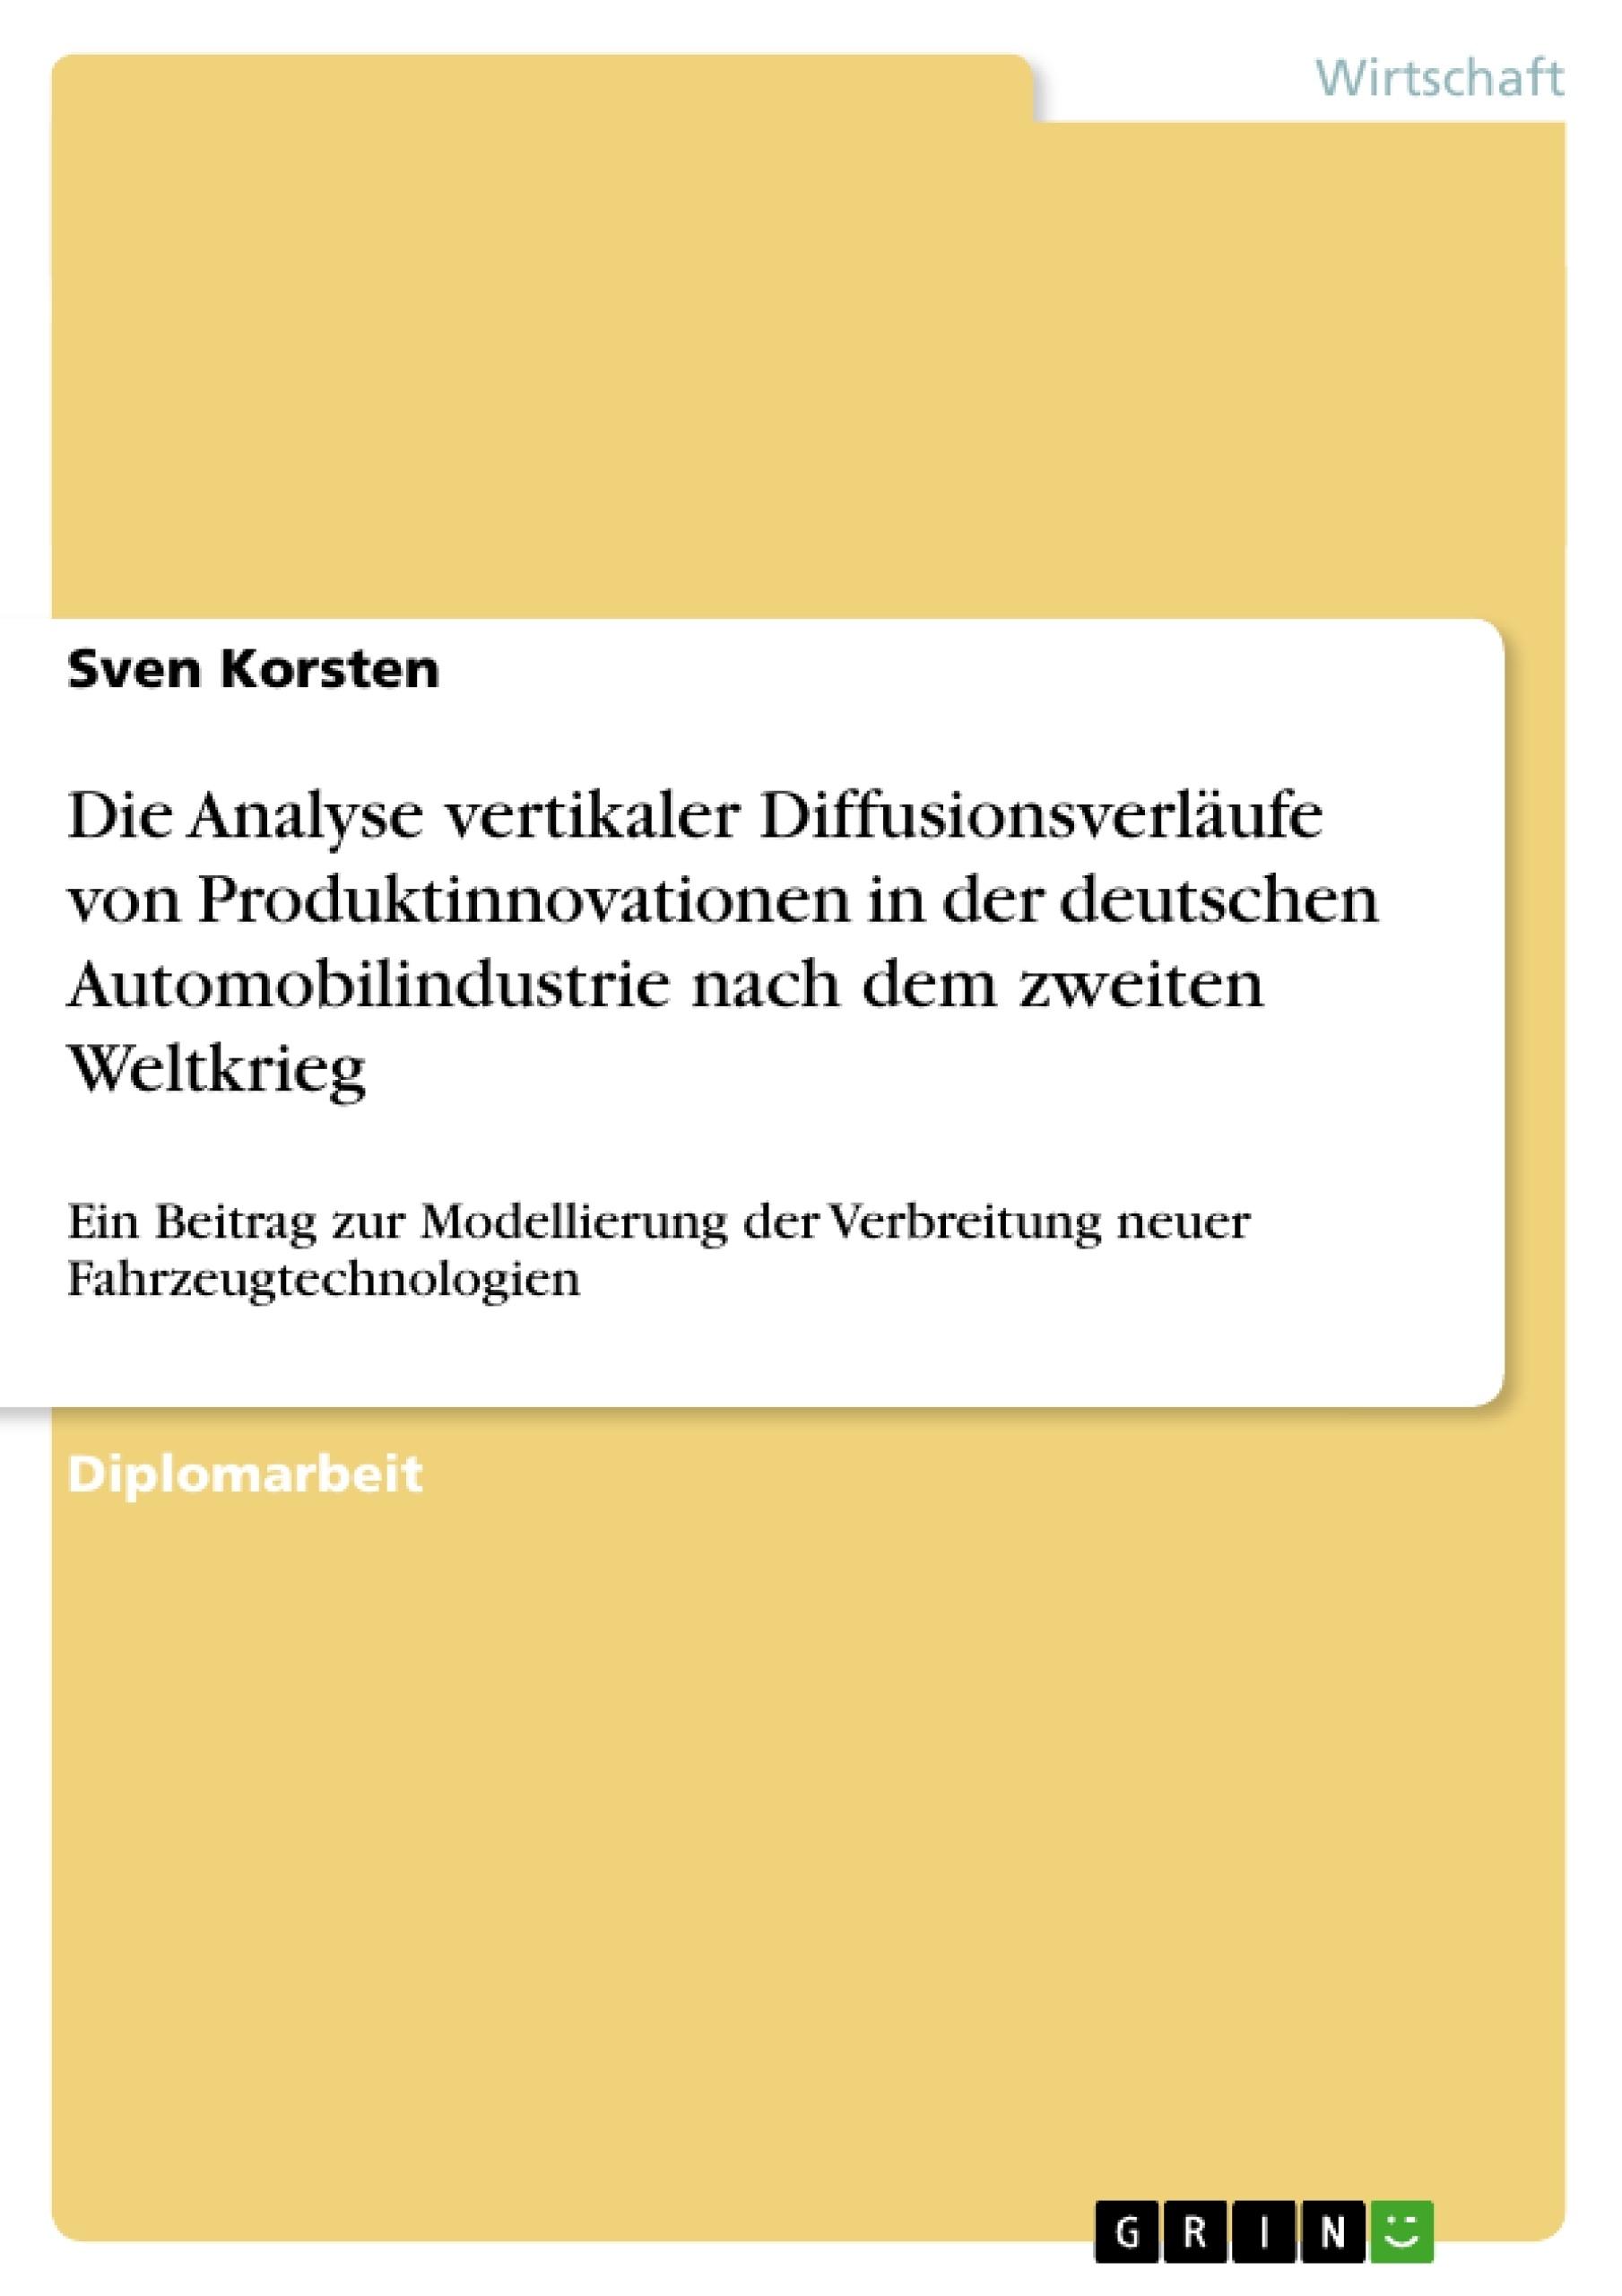 Titel: Die Analyse vertikaler Diffusionsverläufe von Produktinnovationen in der deutschen Automobilindustrie nach dem zweiten Weltkrieg